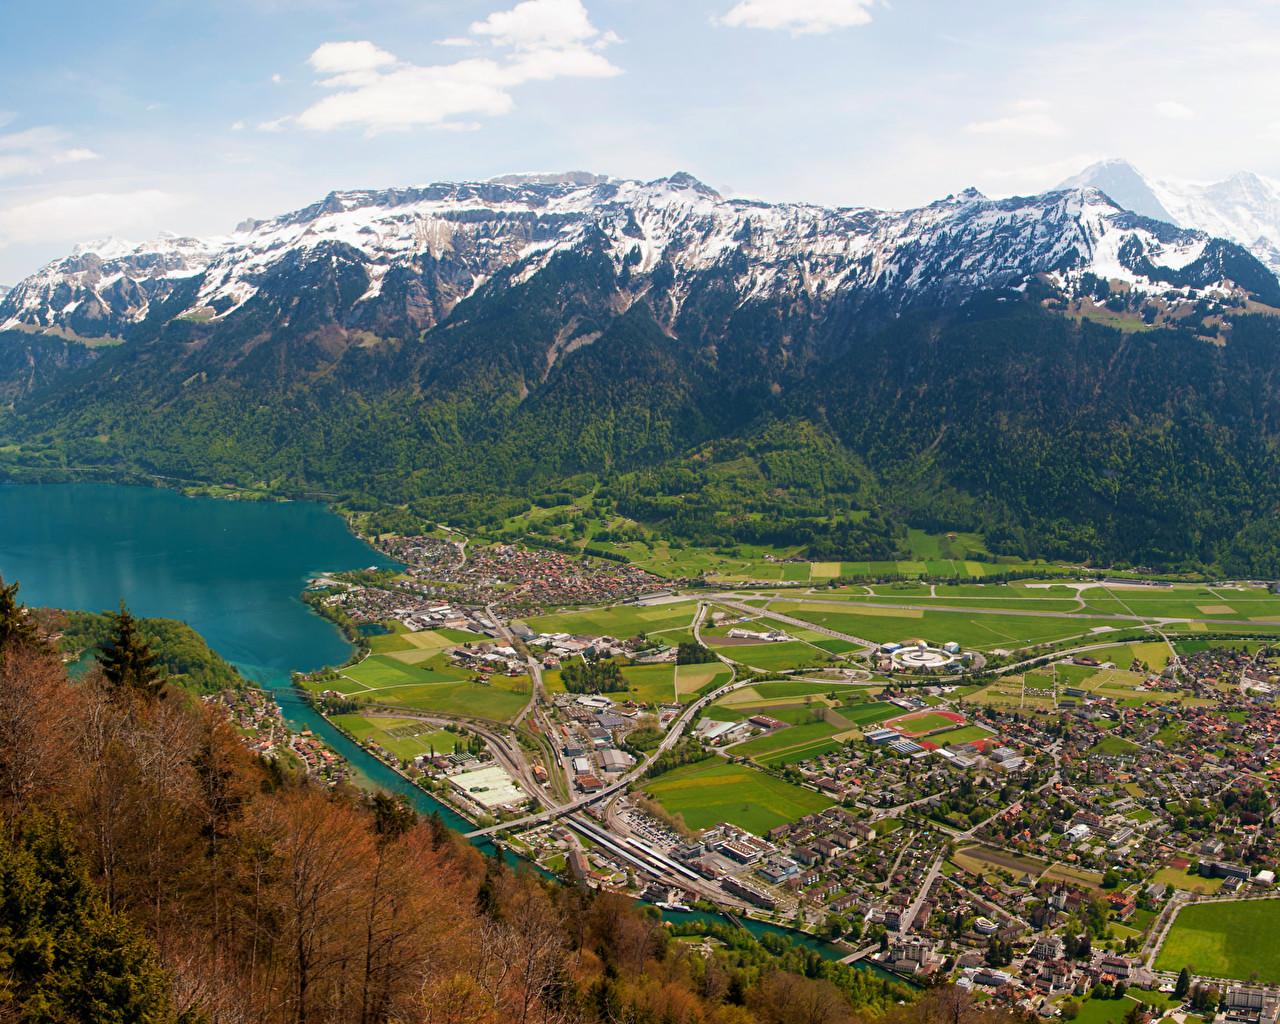 Interlaken   Switzerland   [3440x1440]   [OC] wallpapers 1280x1024